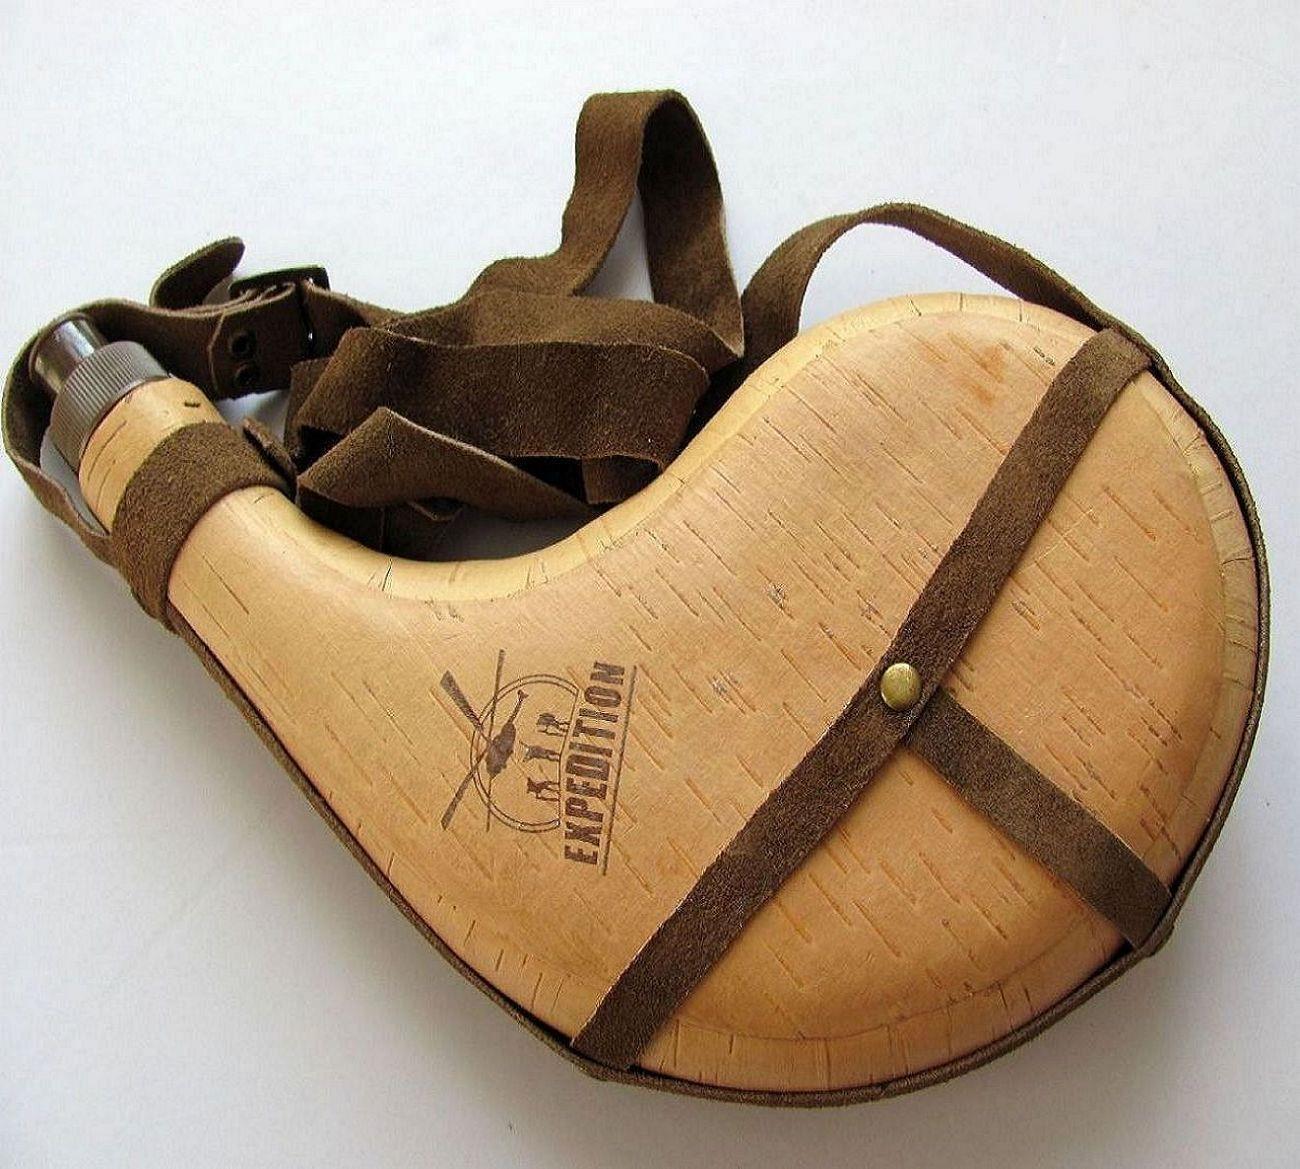 皮囊自然桦树皮酒壶酒囊个性工艺品老公 水壶水袋父古代创意